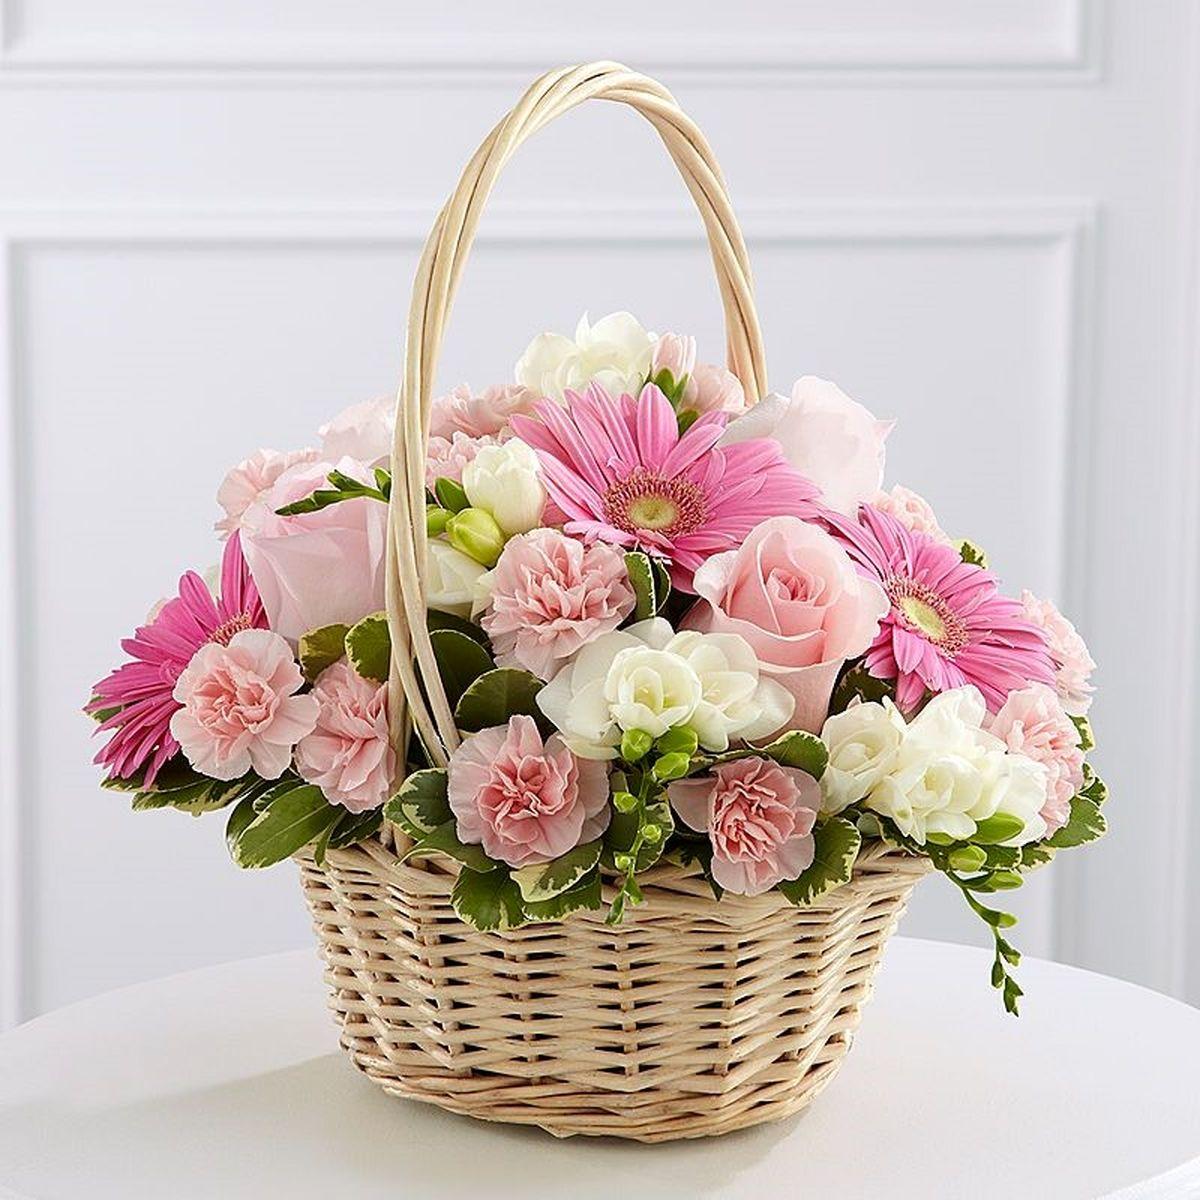 تهیه گل تبریک برای روز دندان پزشک